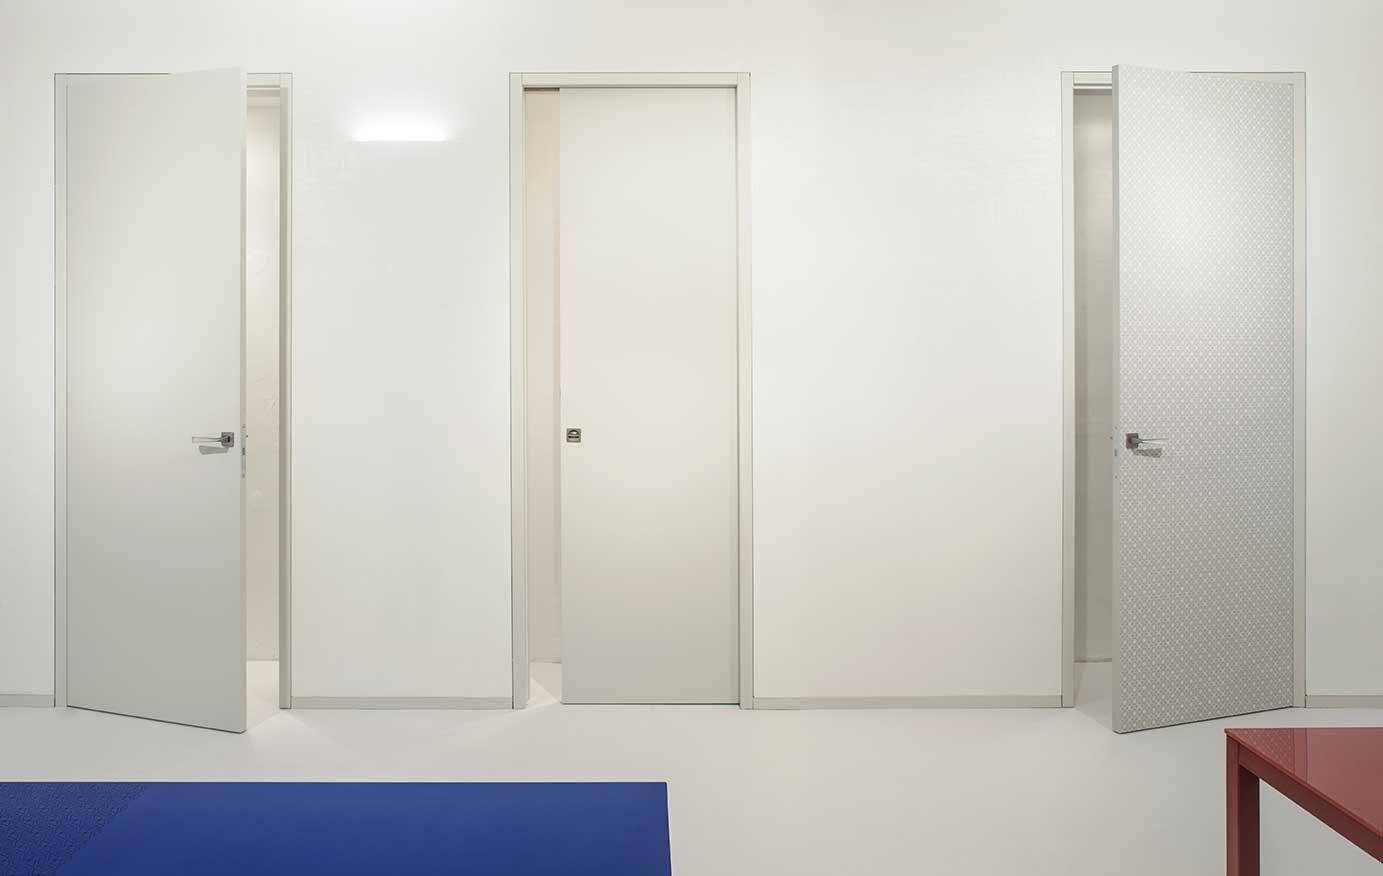 Poltrone da camera da letto moderne - Poltrone da camera moderne ...